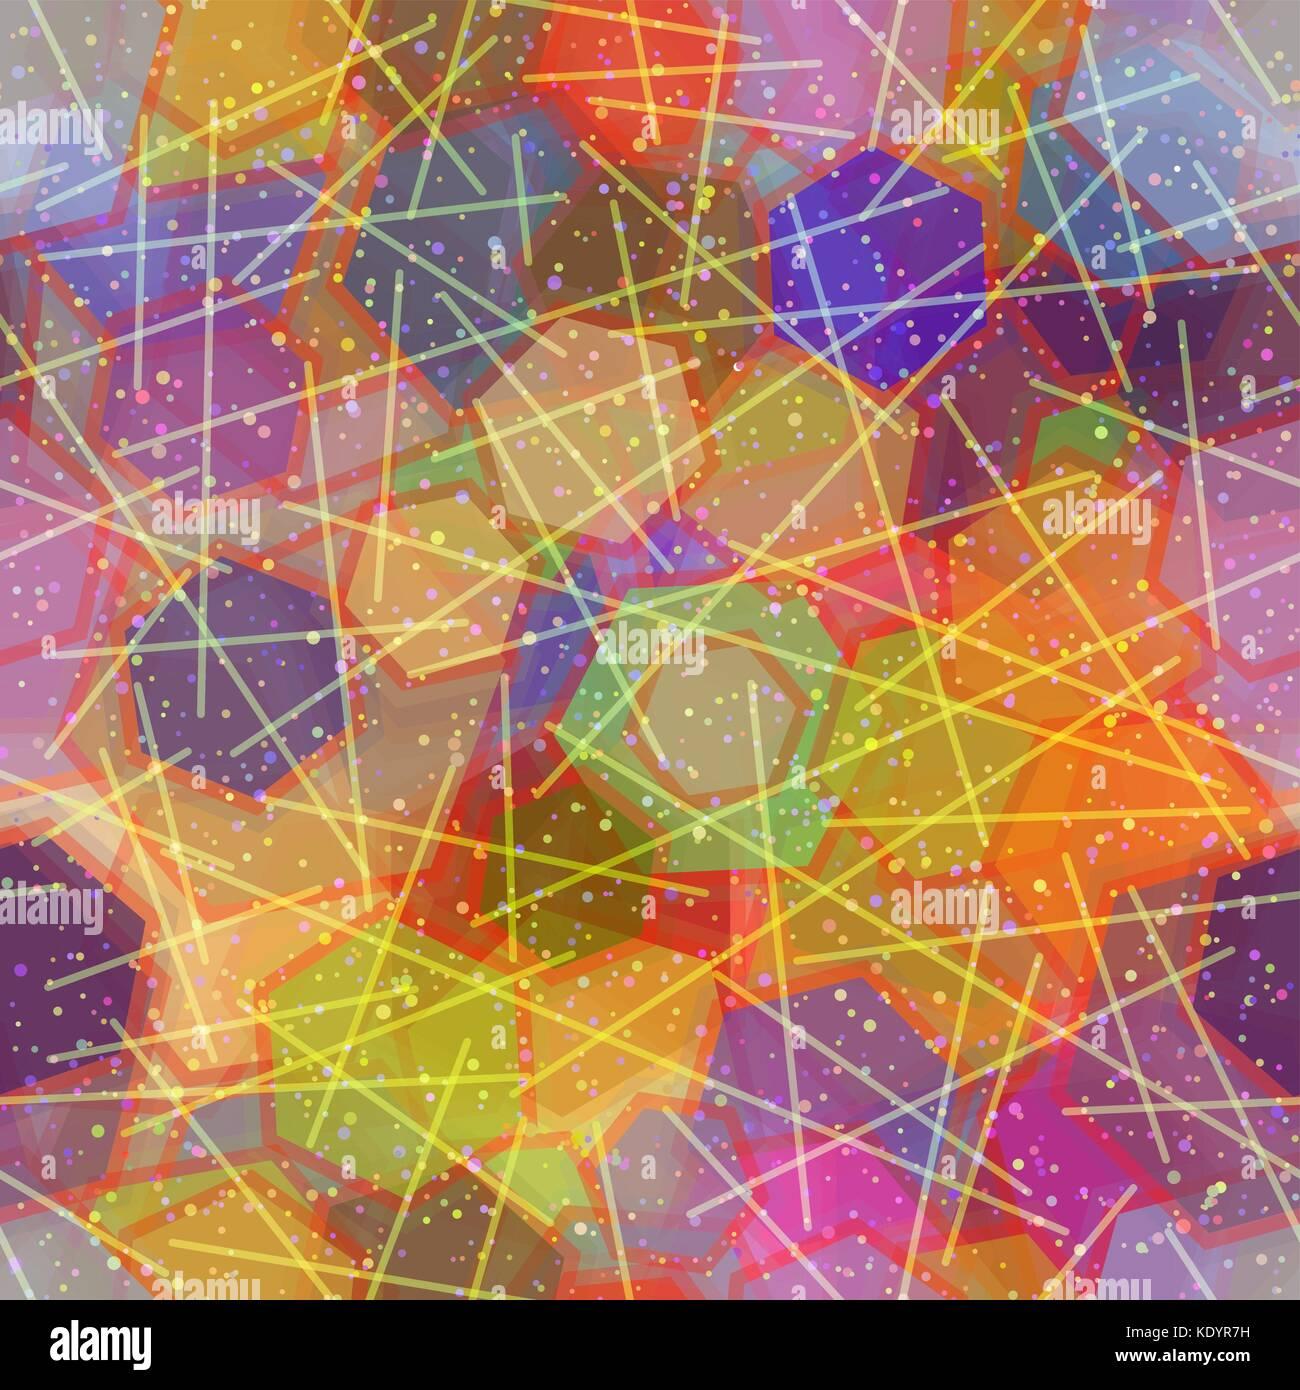 Seamless sfondo astratto Immagini Stock